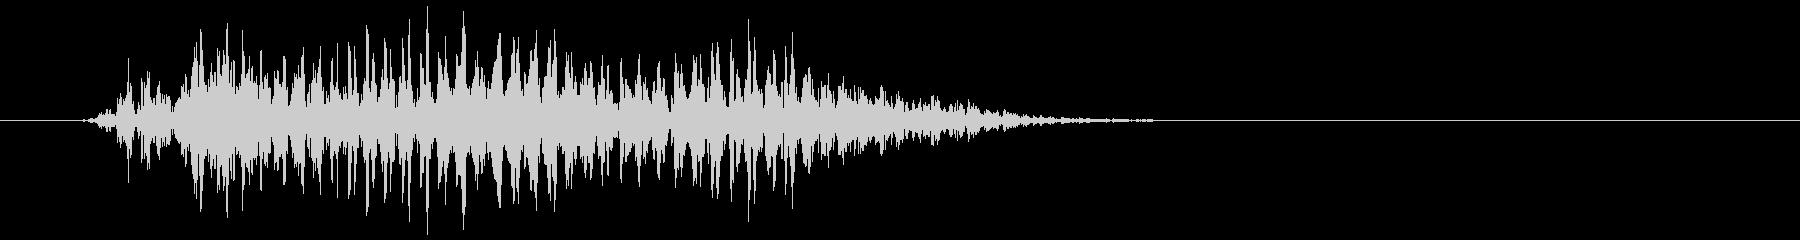 モンスター 発声 36の未再生の波形